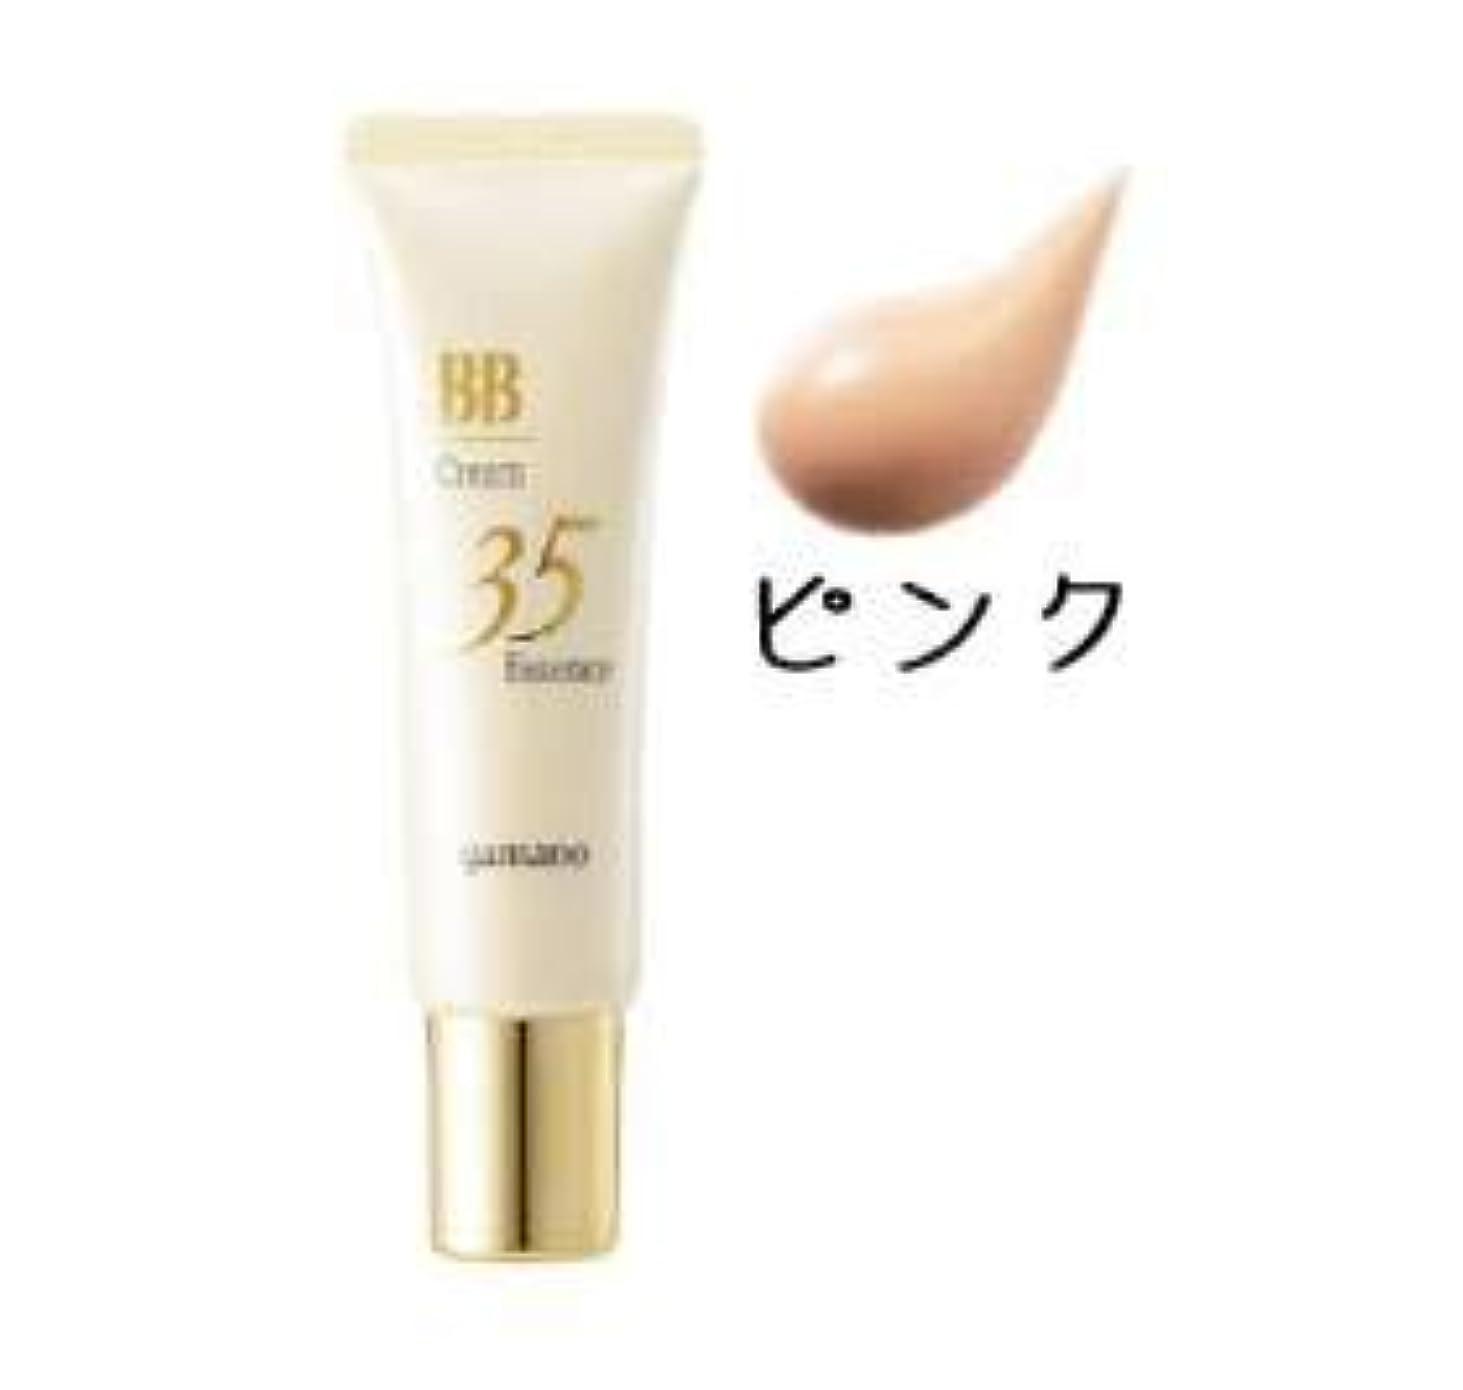 成功シーズン呪いヤマノ ヤマノ エッセンス 35 BB クリーム ピンク(30g)